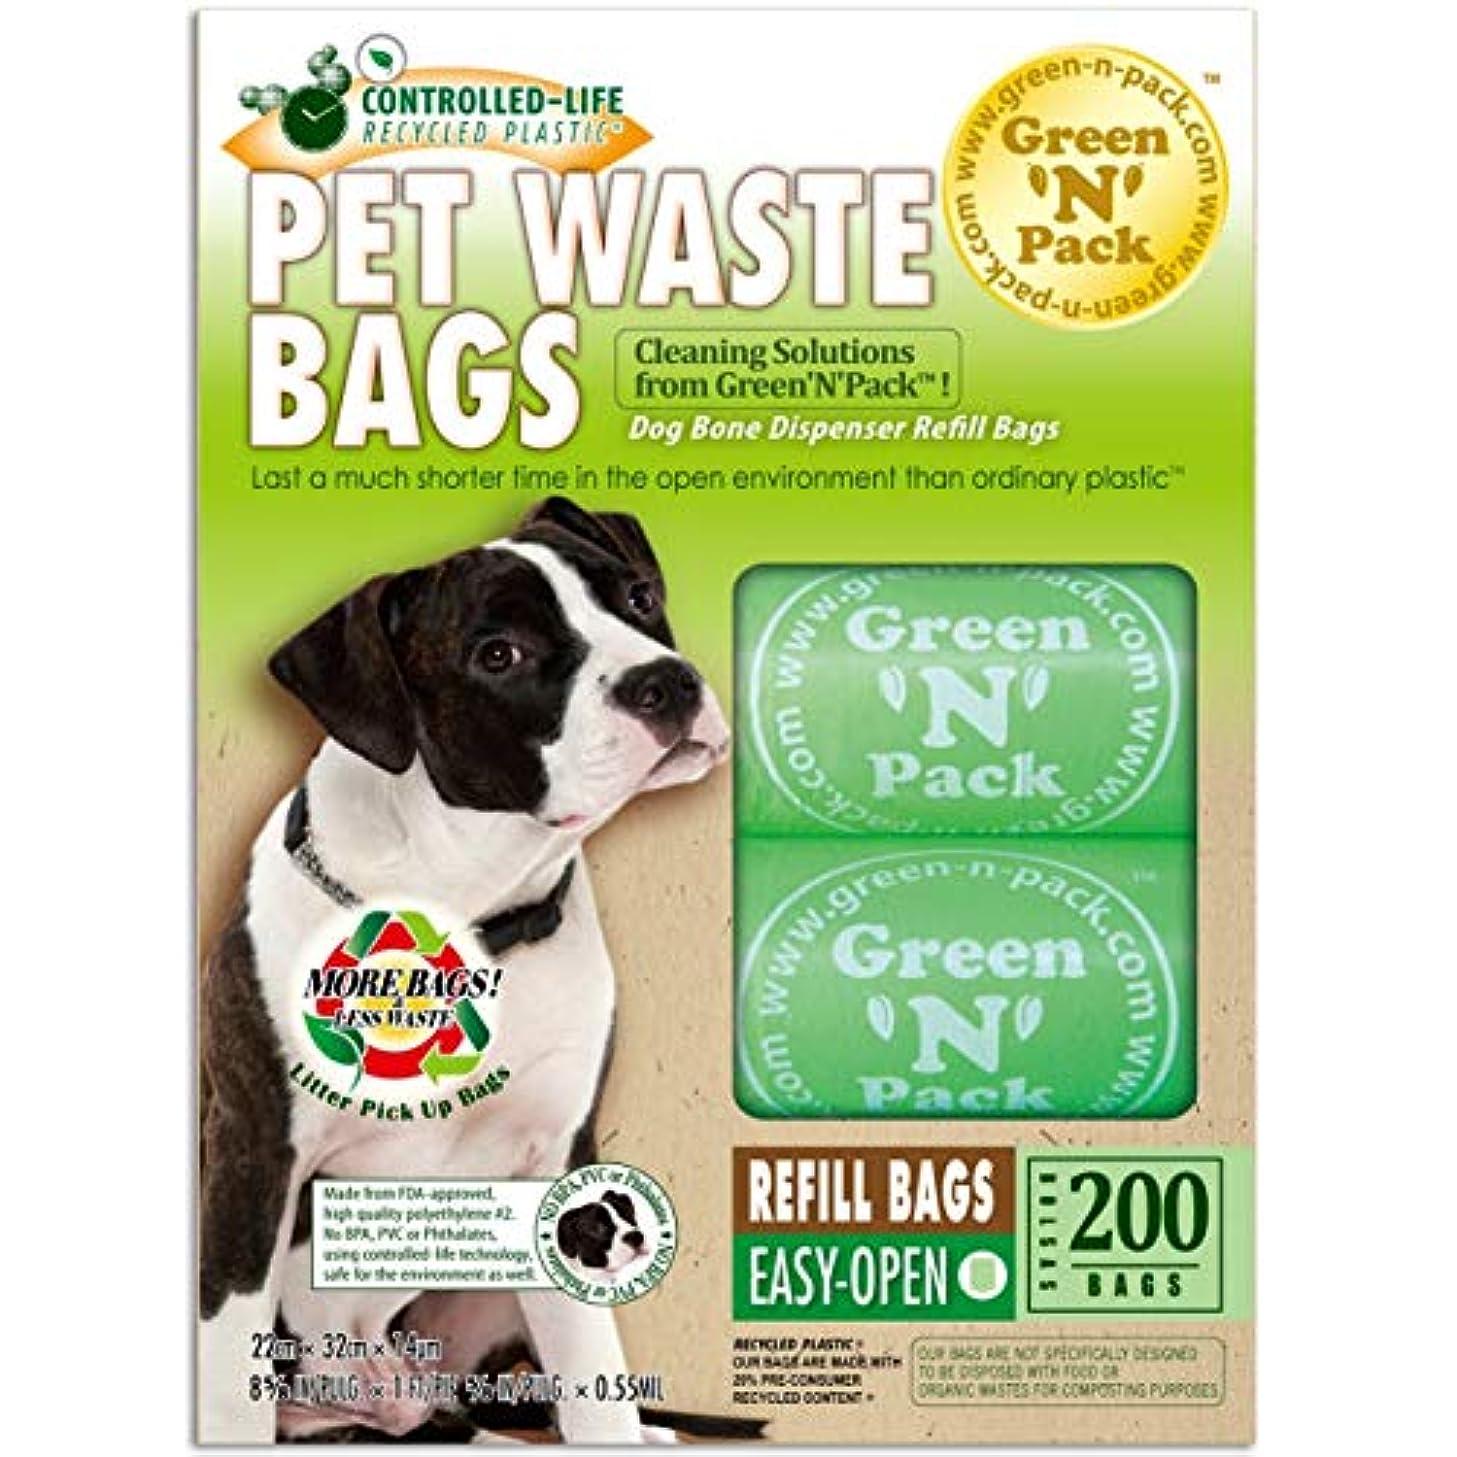 川かすかなフォームGreen 'N' Pack Eco Friendly Bags - 犬Pooは日 75 パックを袋に入れる - 200バッグ